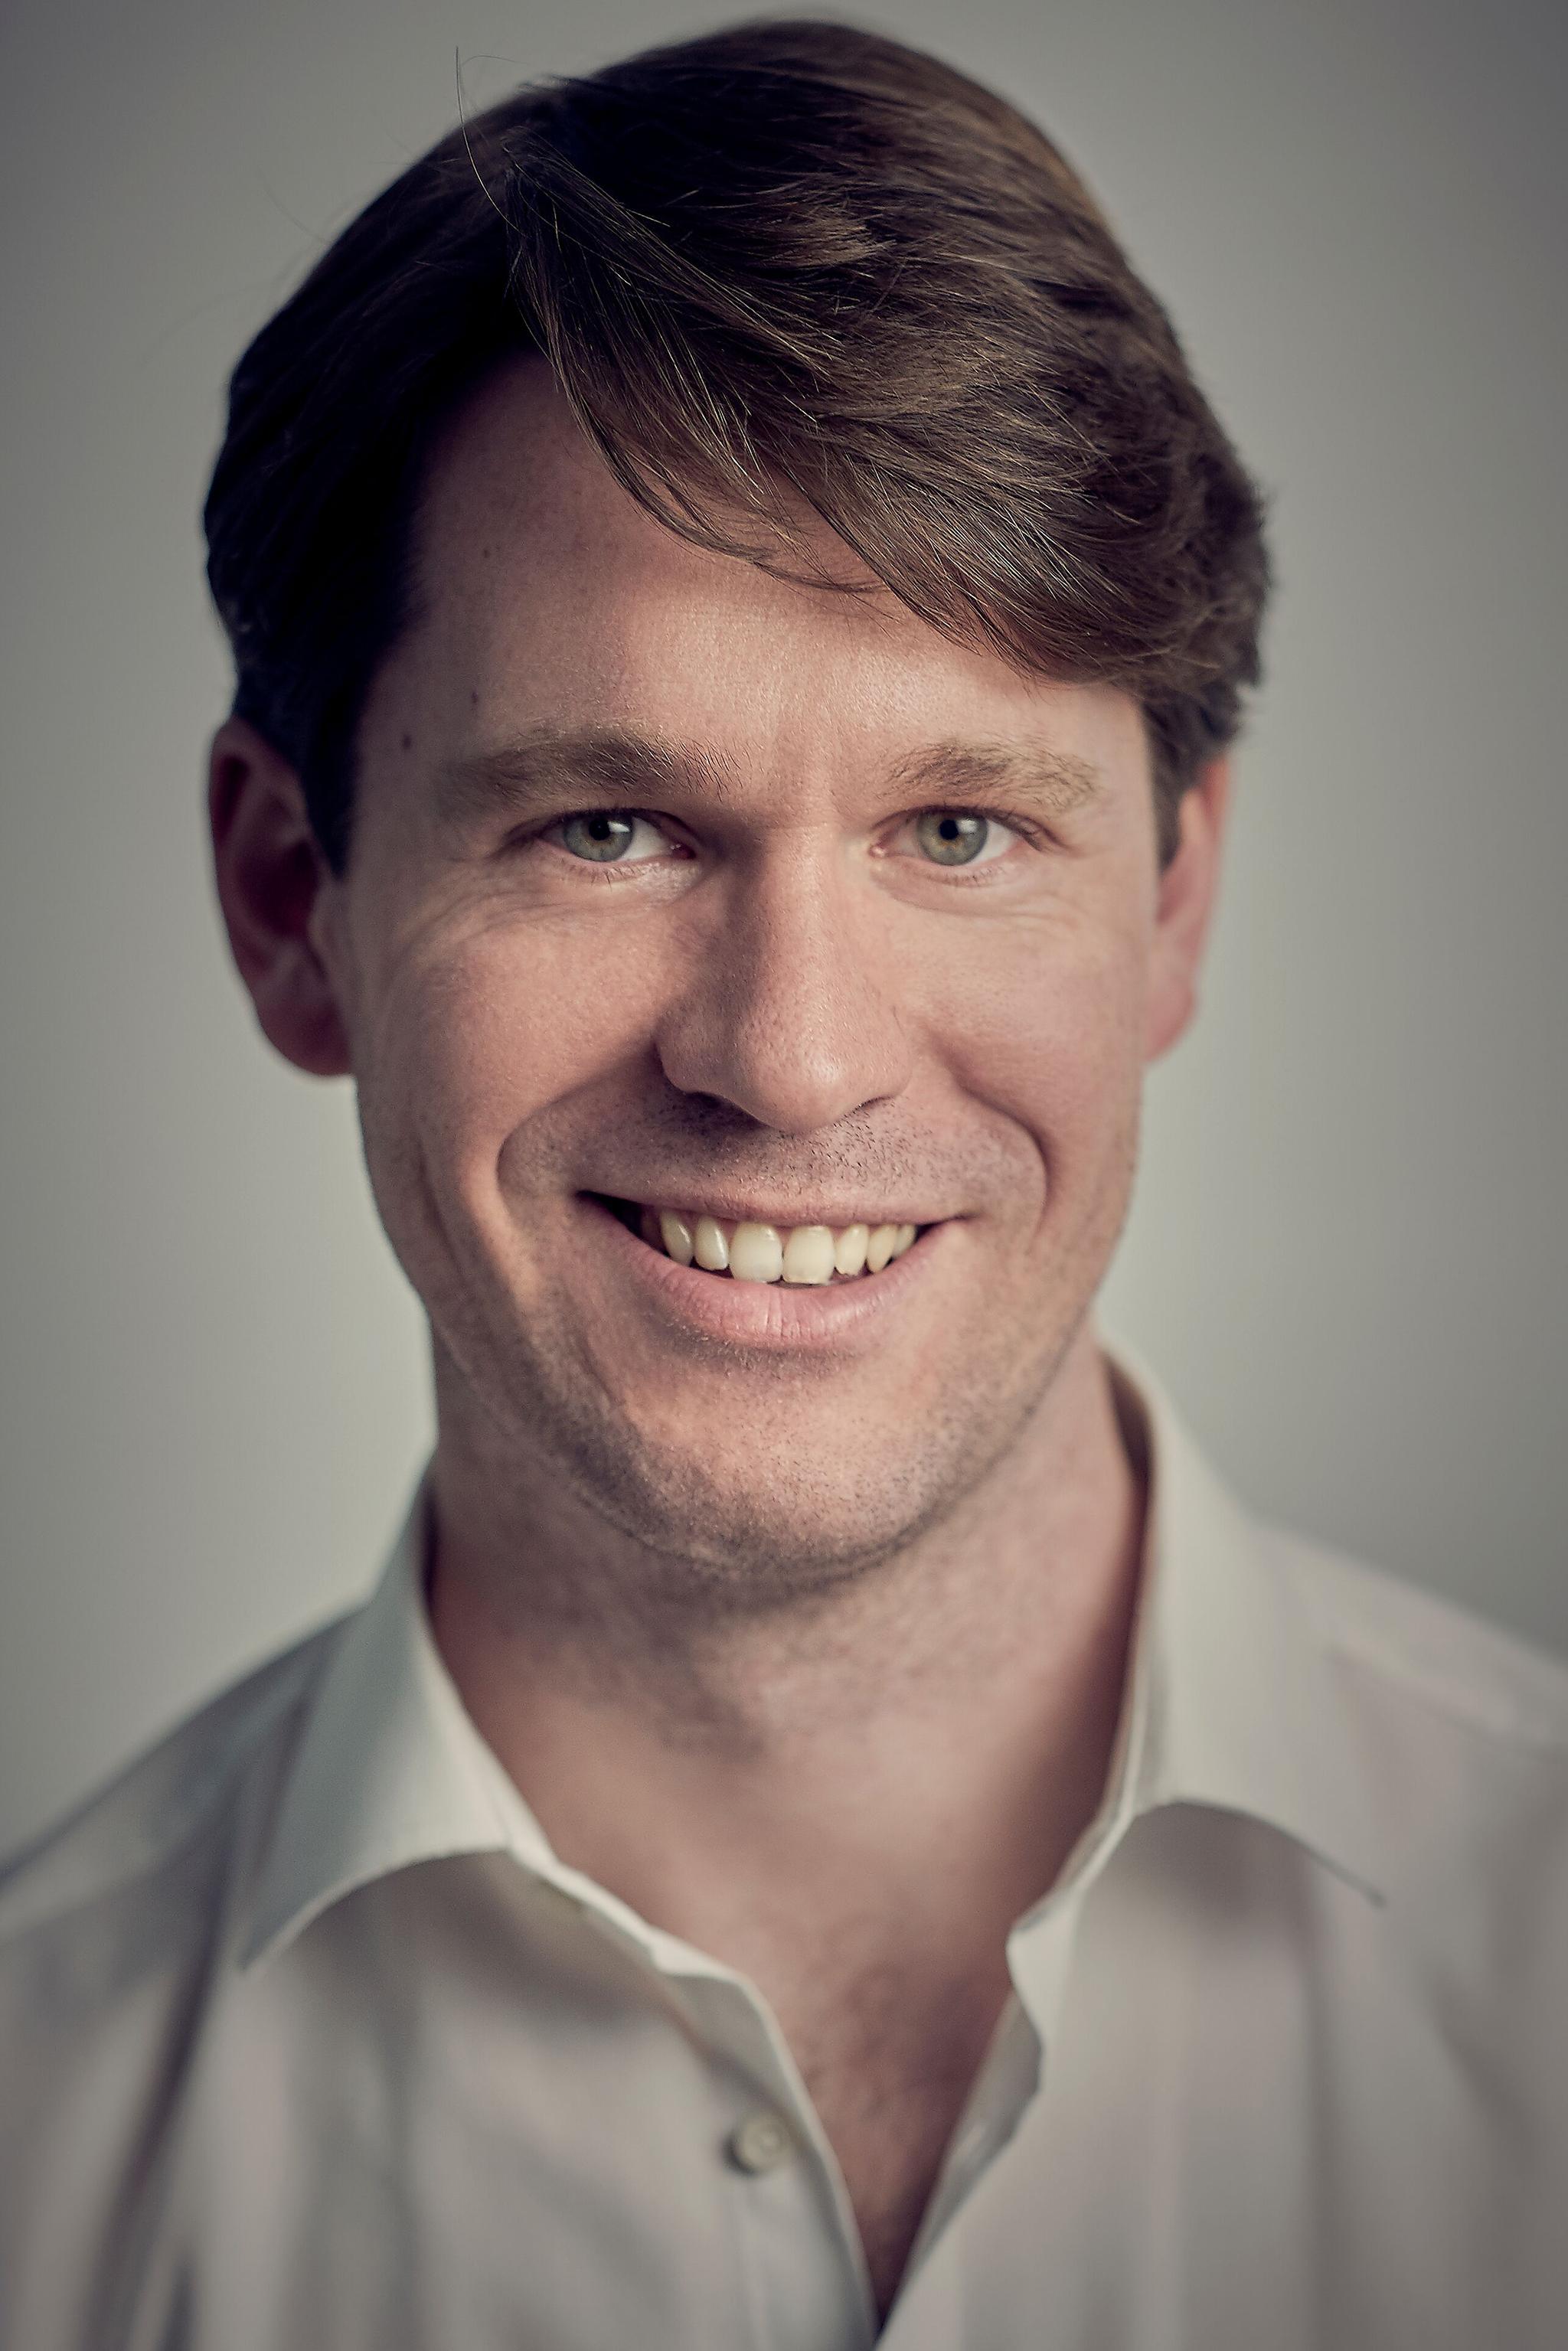 Peter Gijsbertsen